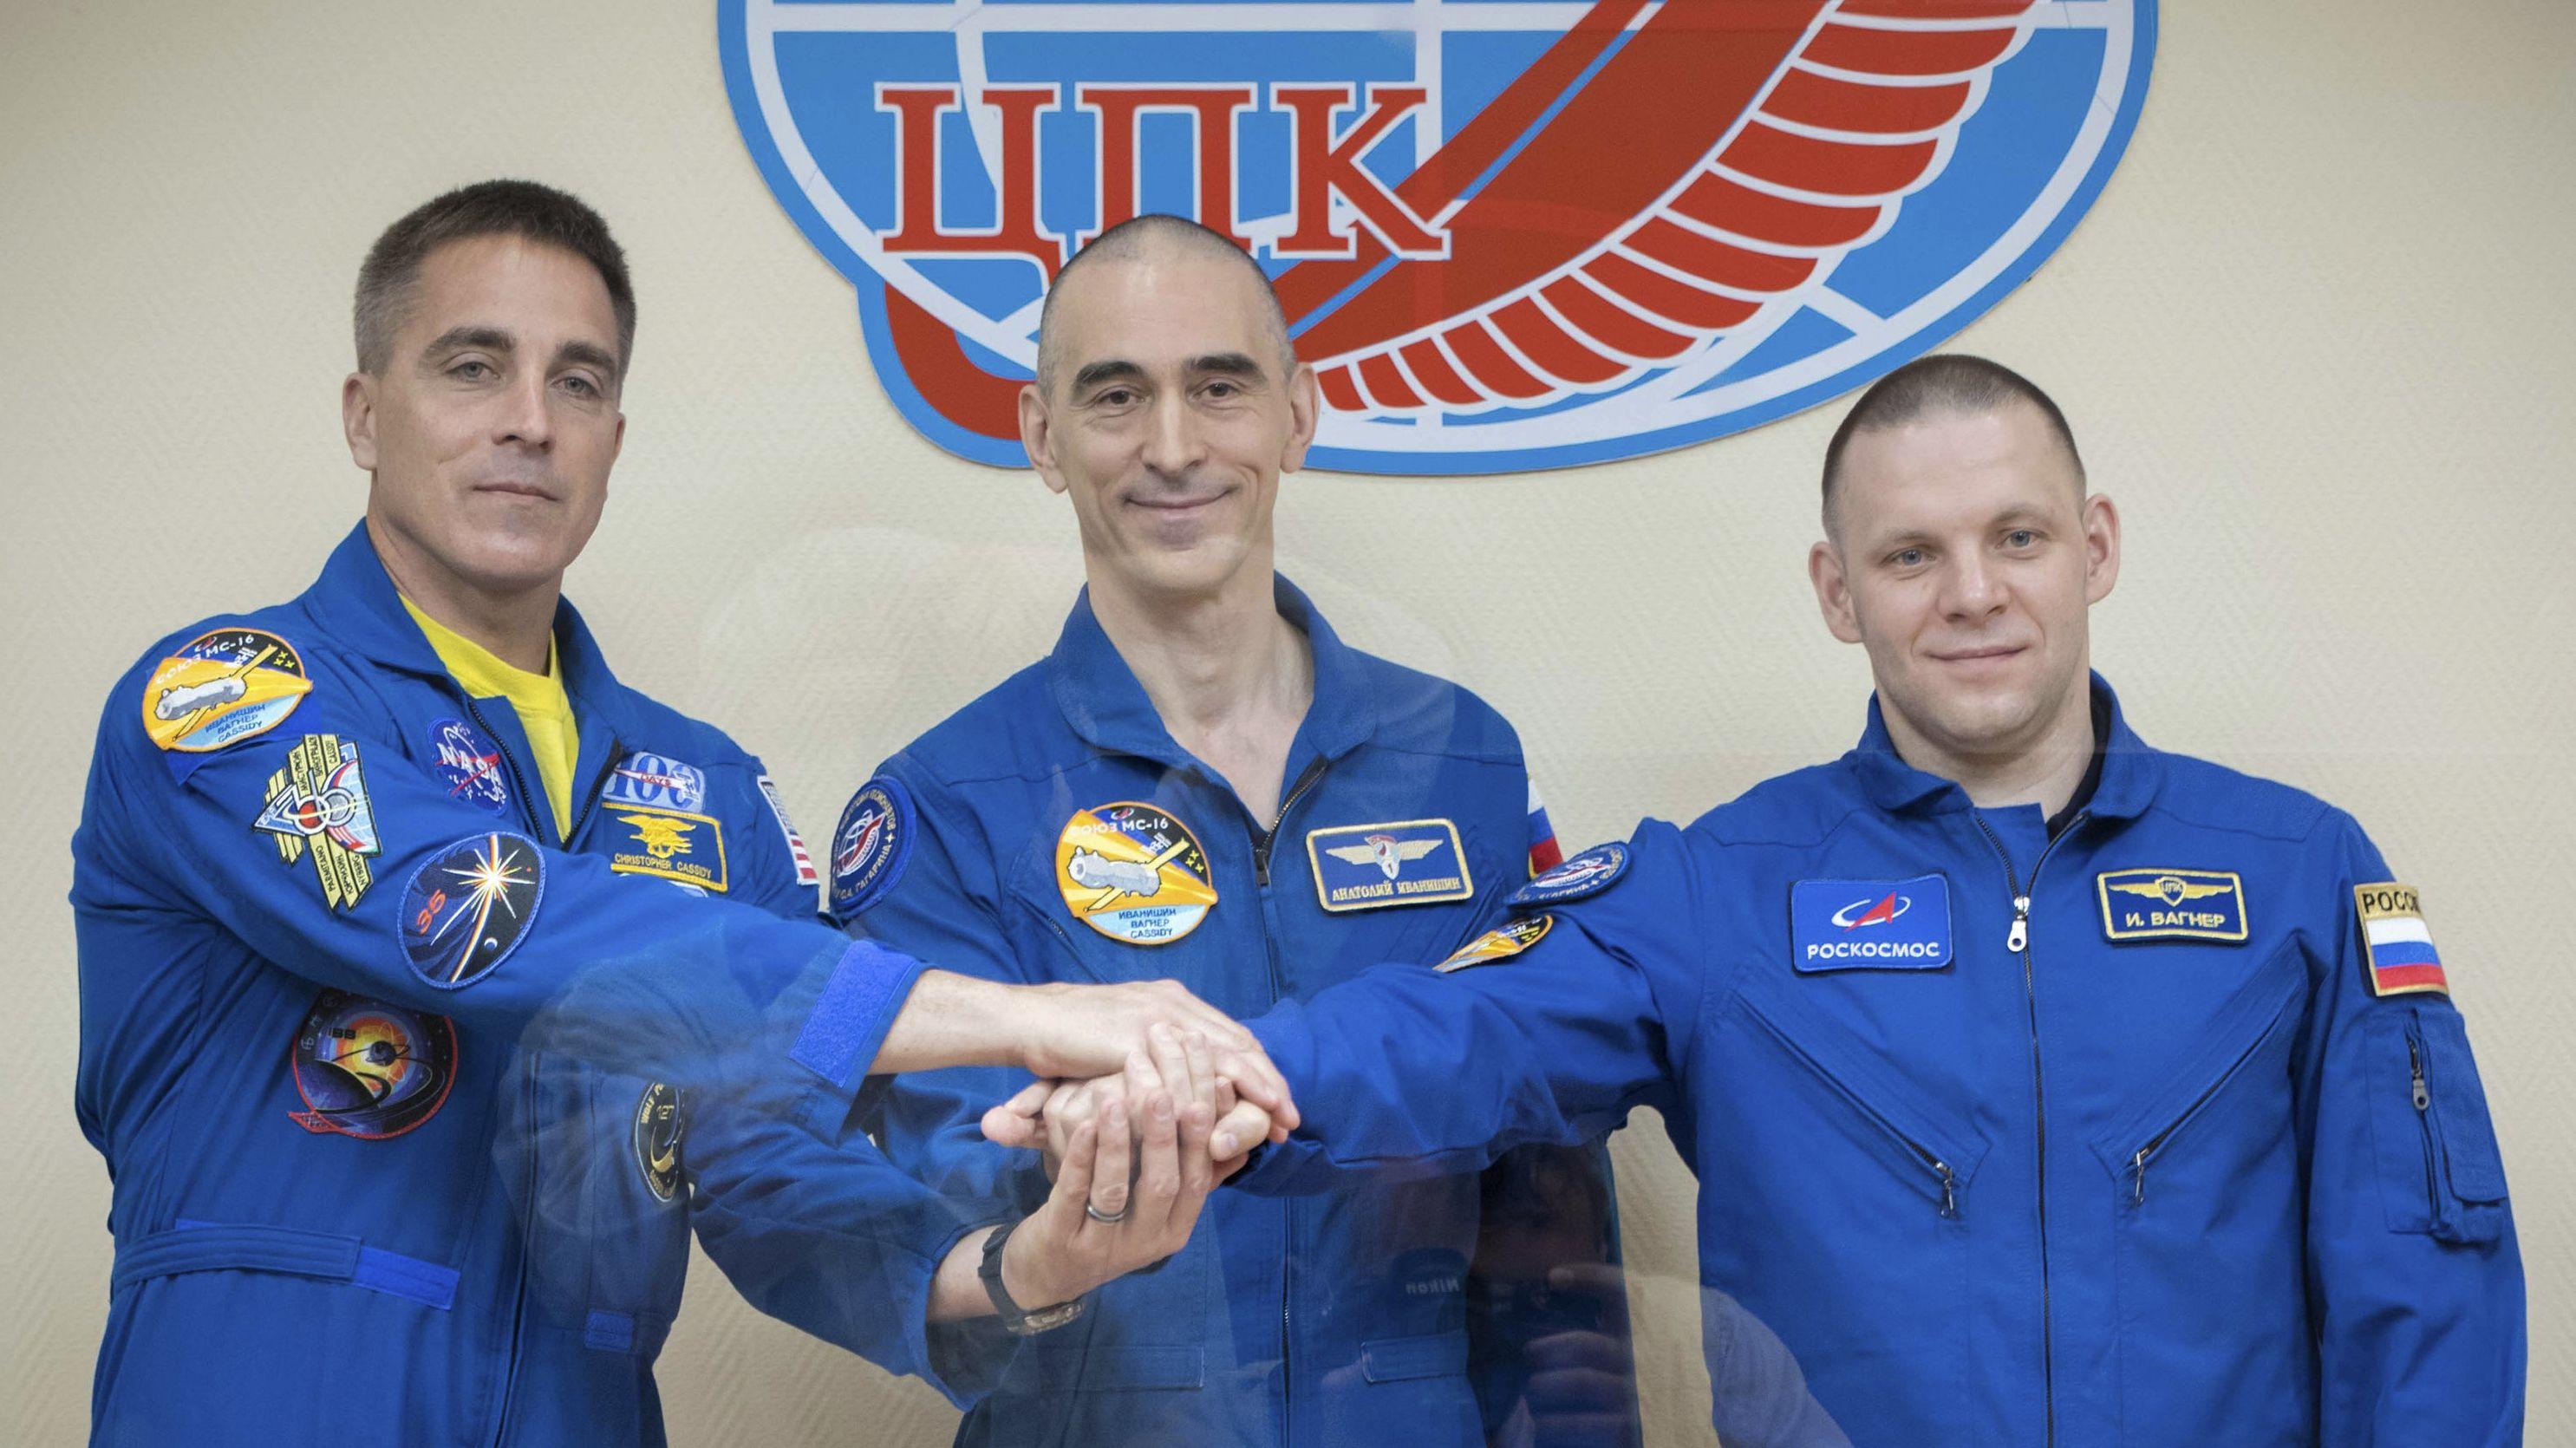 Astronaut Christopher Cassidy und seine russischen Kollegen Anatoli Iwanischin und Iwan Wagner vor ihrem Start zur ISS in Baikonur.